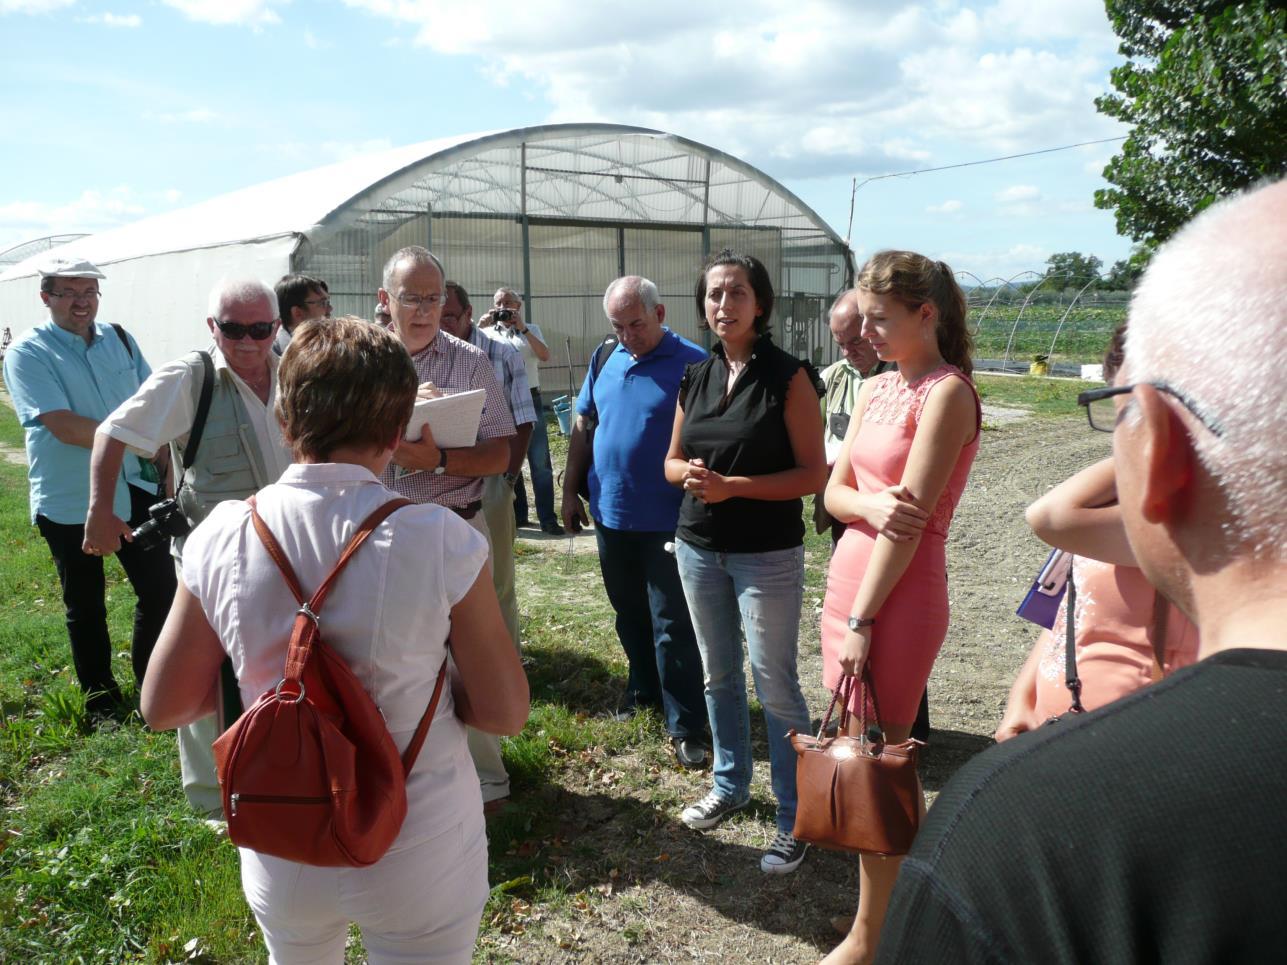 Pola CRPV Badawczego Centrum Produkcji Rolnej w Cesenie